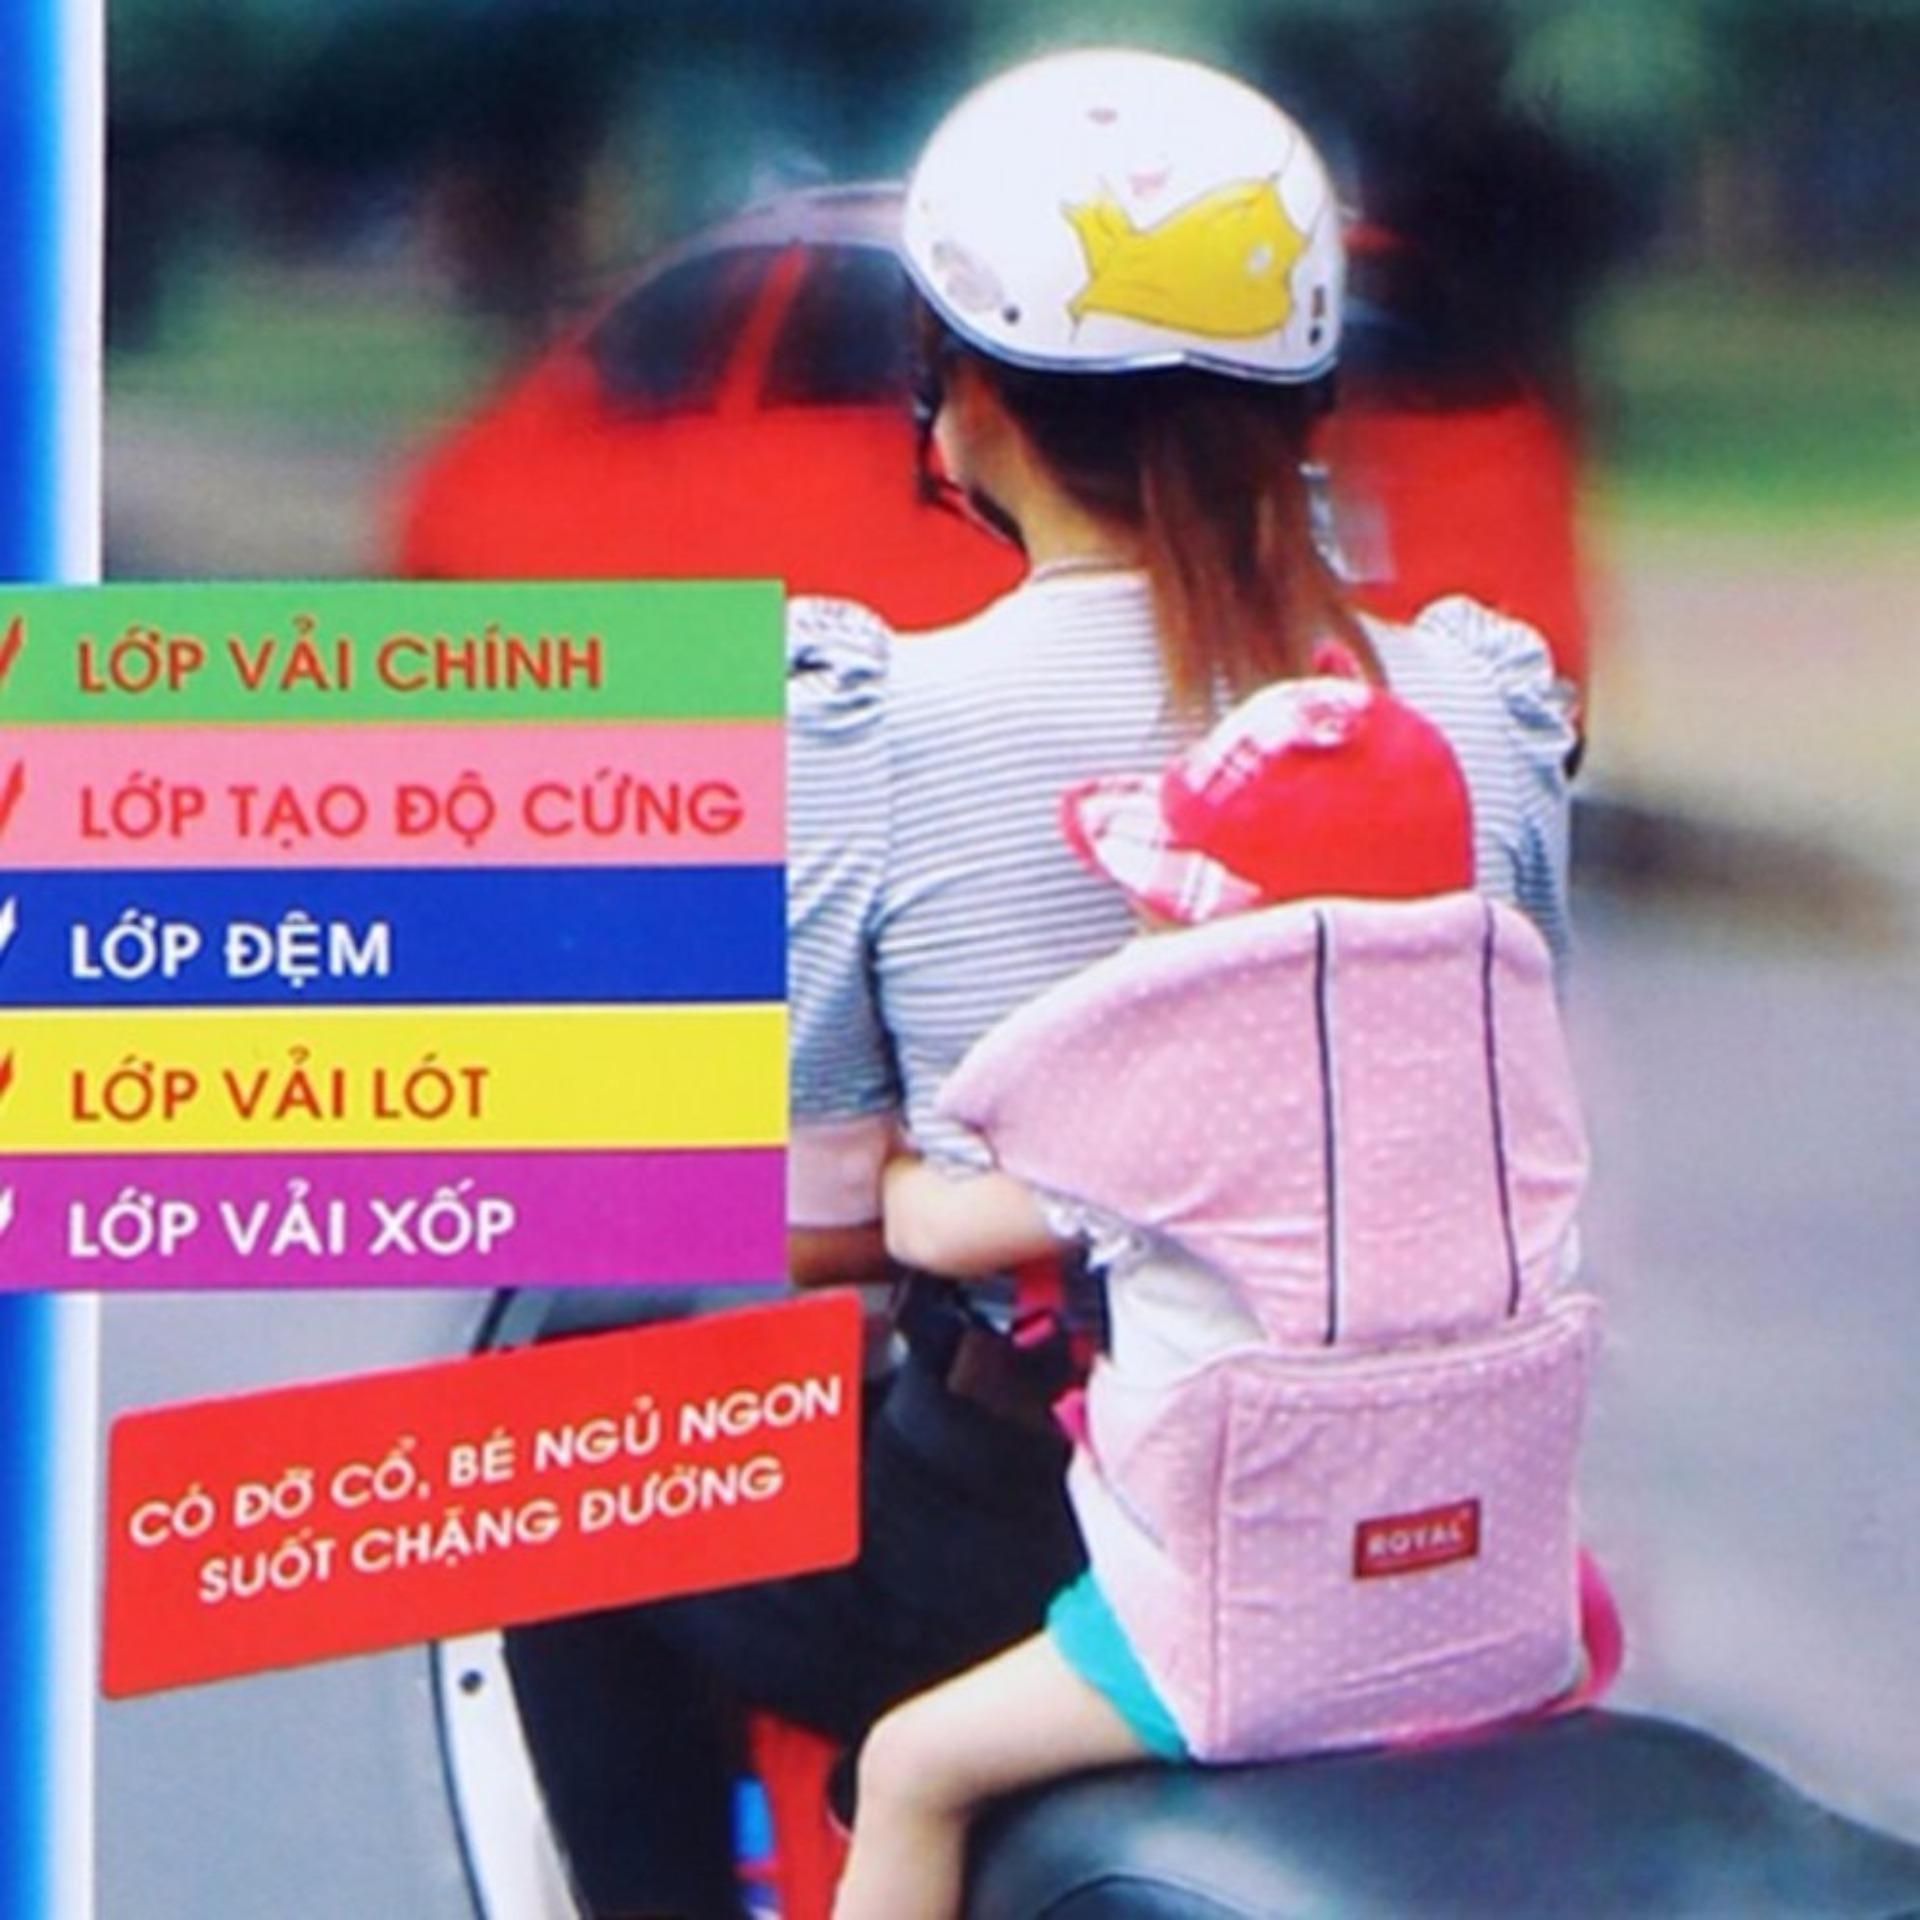 So Sánh Giá Đai đỡ cổ, xe danh cho be 1 tuoi, đaingồixe máycóđỡ cổ2 trong 1 cho bé chất lượng tốt nhất- bảo hành bởi Lazada